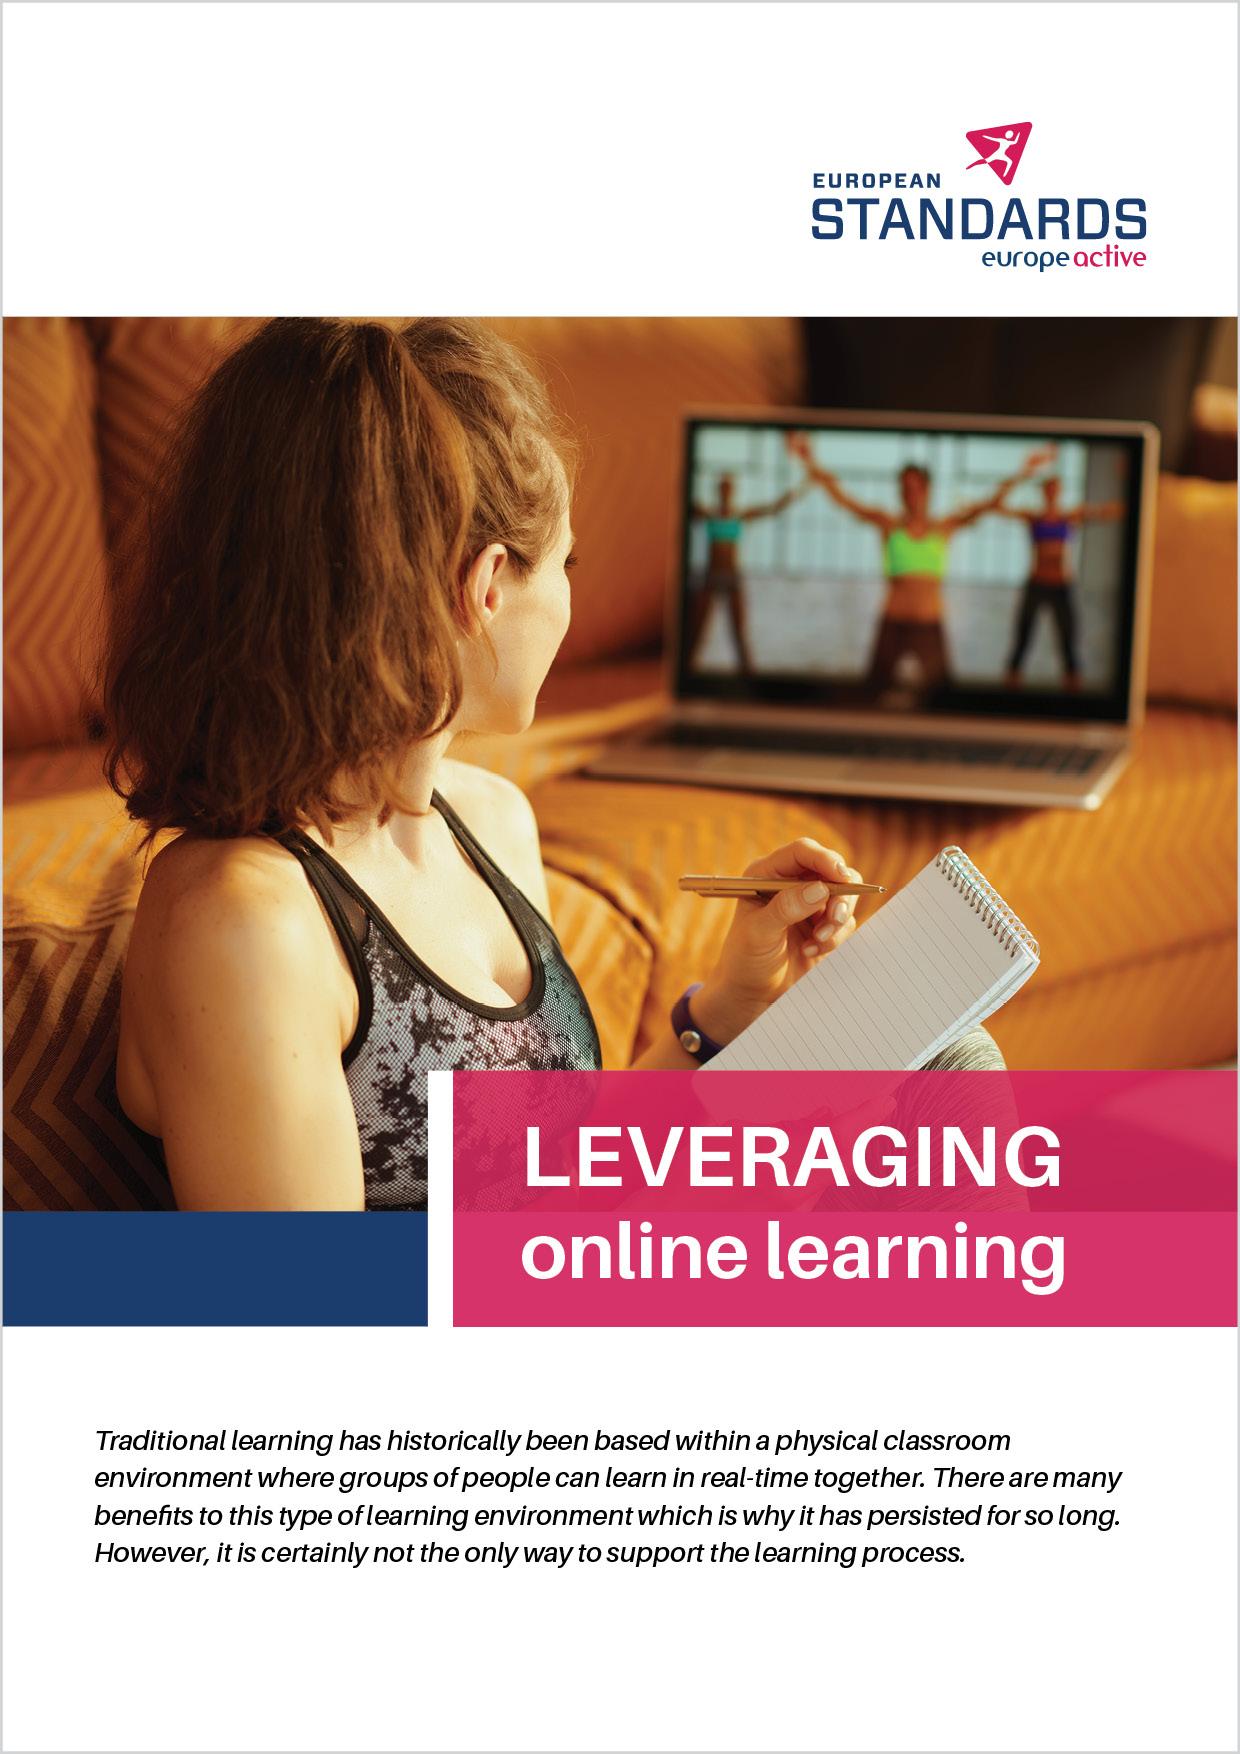 EREPS - Leveraging online learning